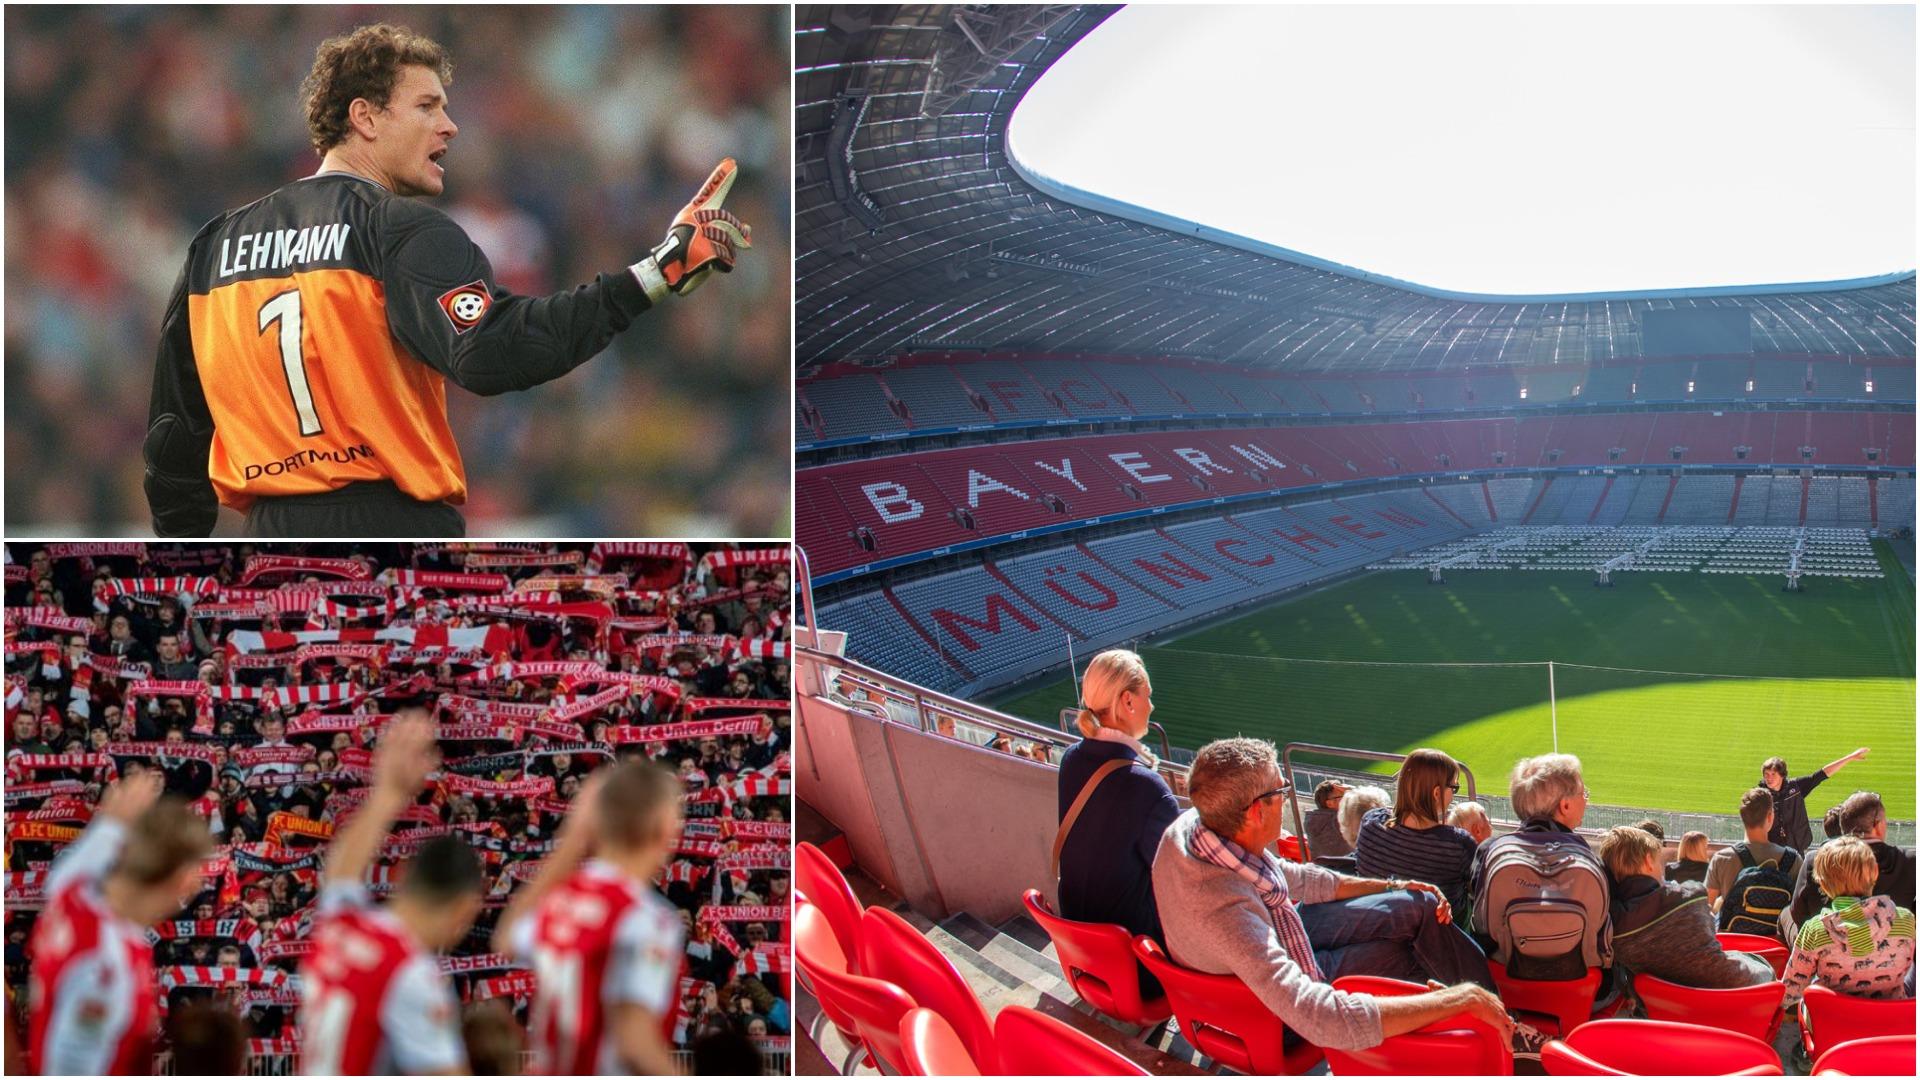 Propozimi i ish-portierit të Gjermanisë: Tifozë në stadium çdo 10 metra